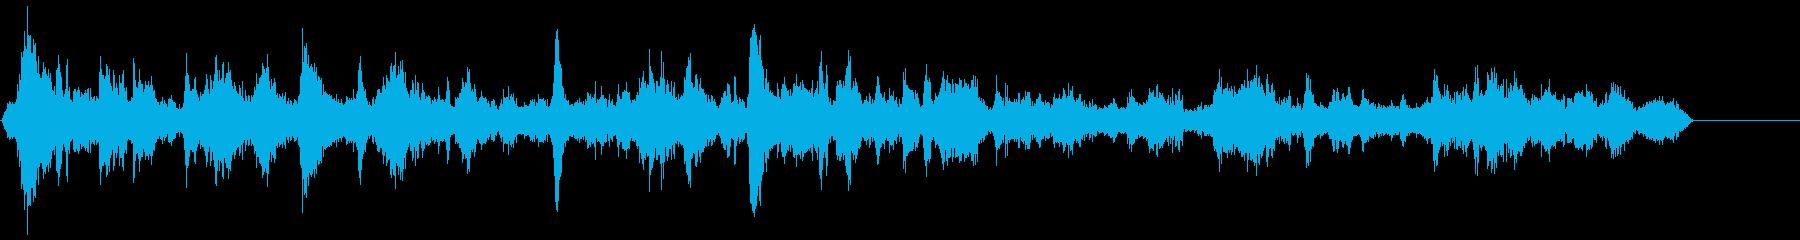 ゾンビ(グループ)攻撃4の再生済みの波形